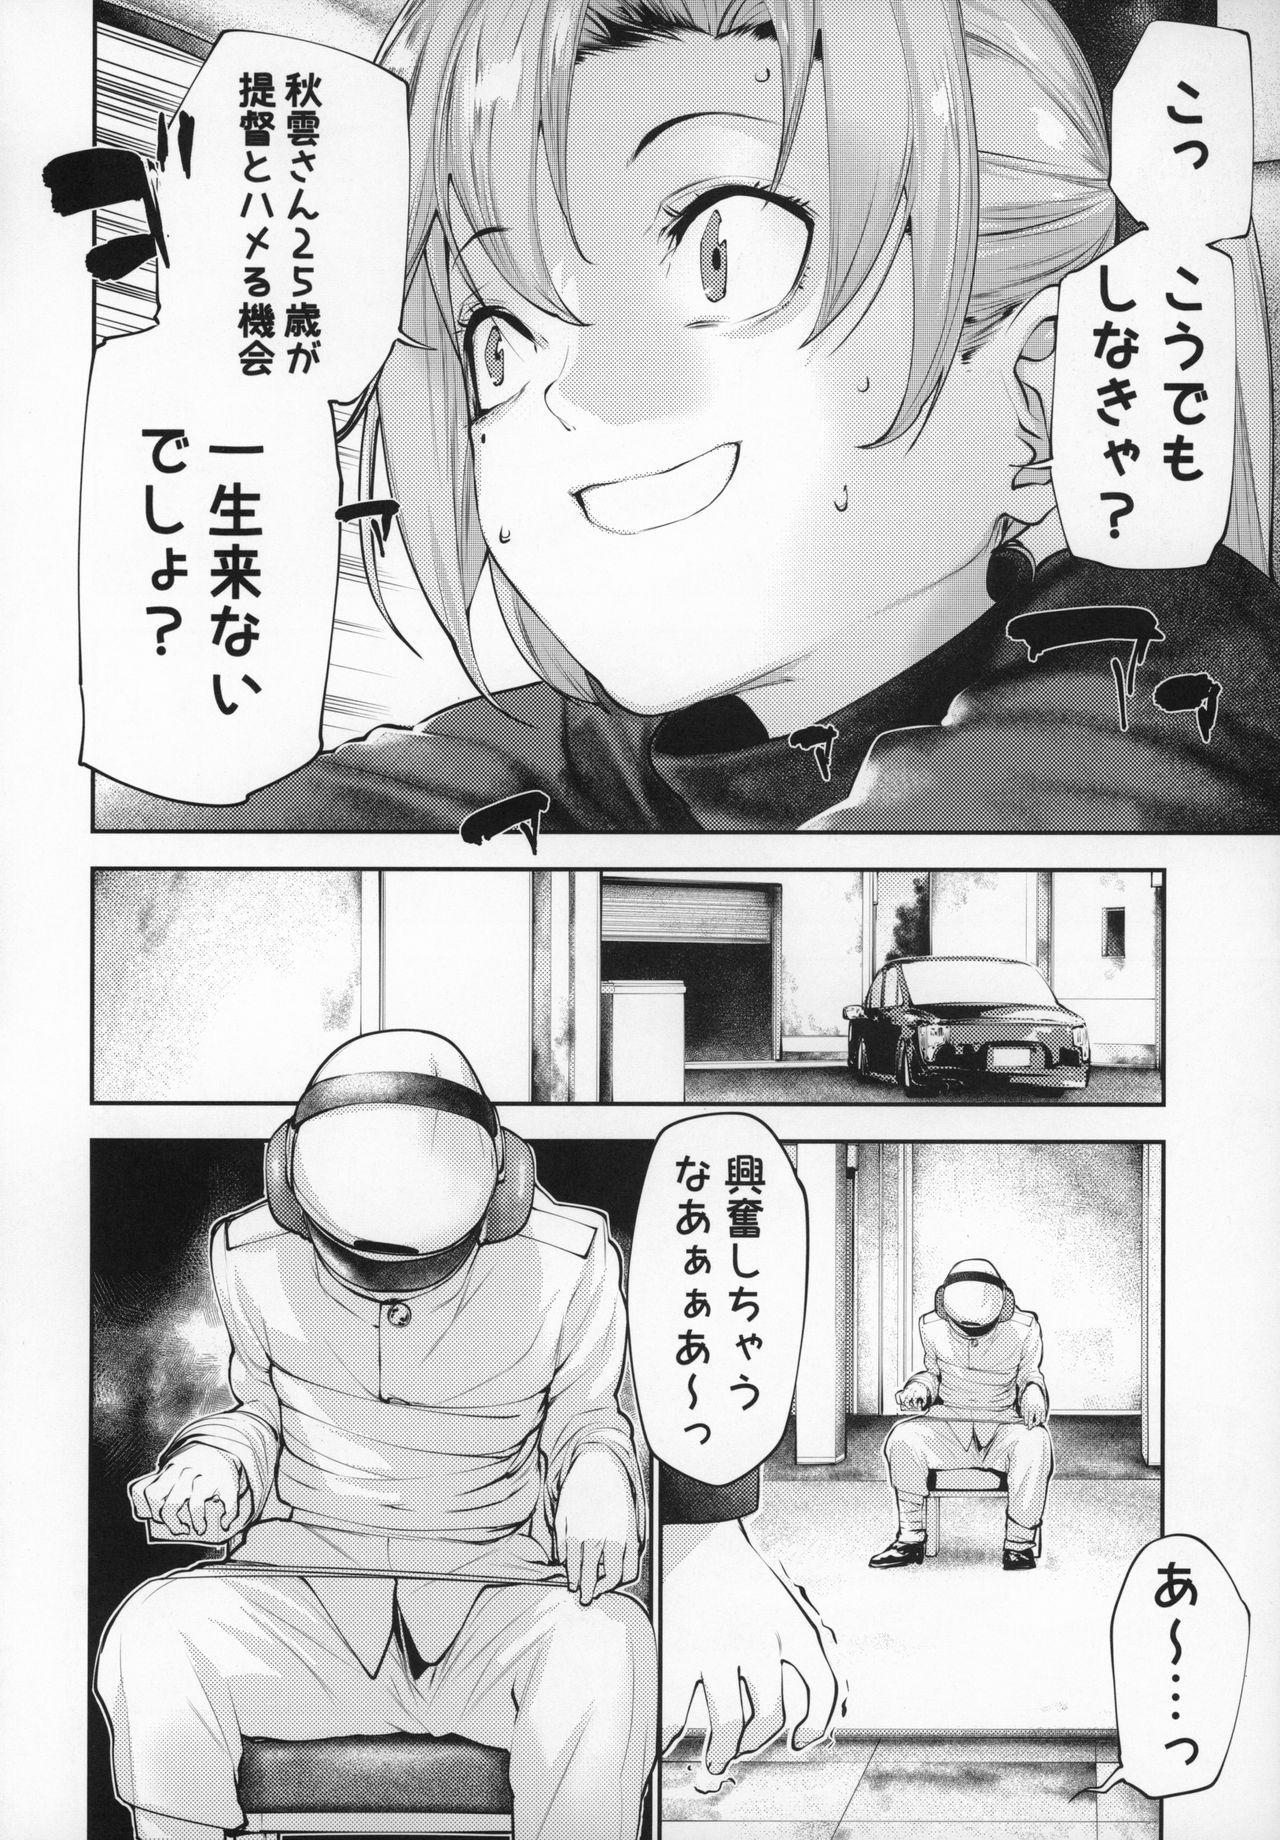 [kitsunenotera (bouko)] Kou demo Shinakya Akigumo-san 25-sai ga Teitoku to Hameru Kikai Isshou Konai desho (Kantai Collection -KanColle-) 4